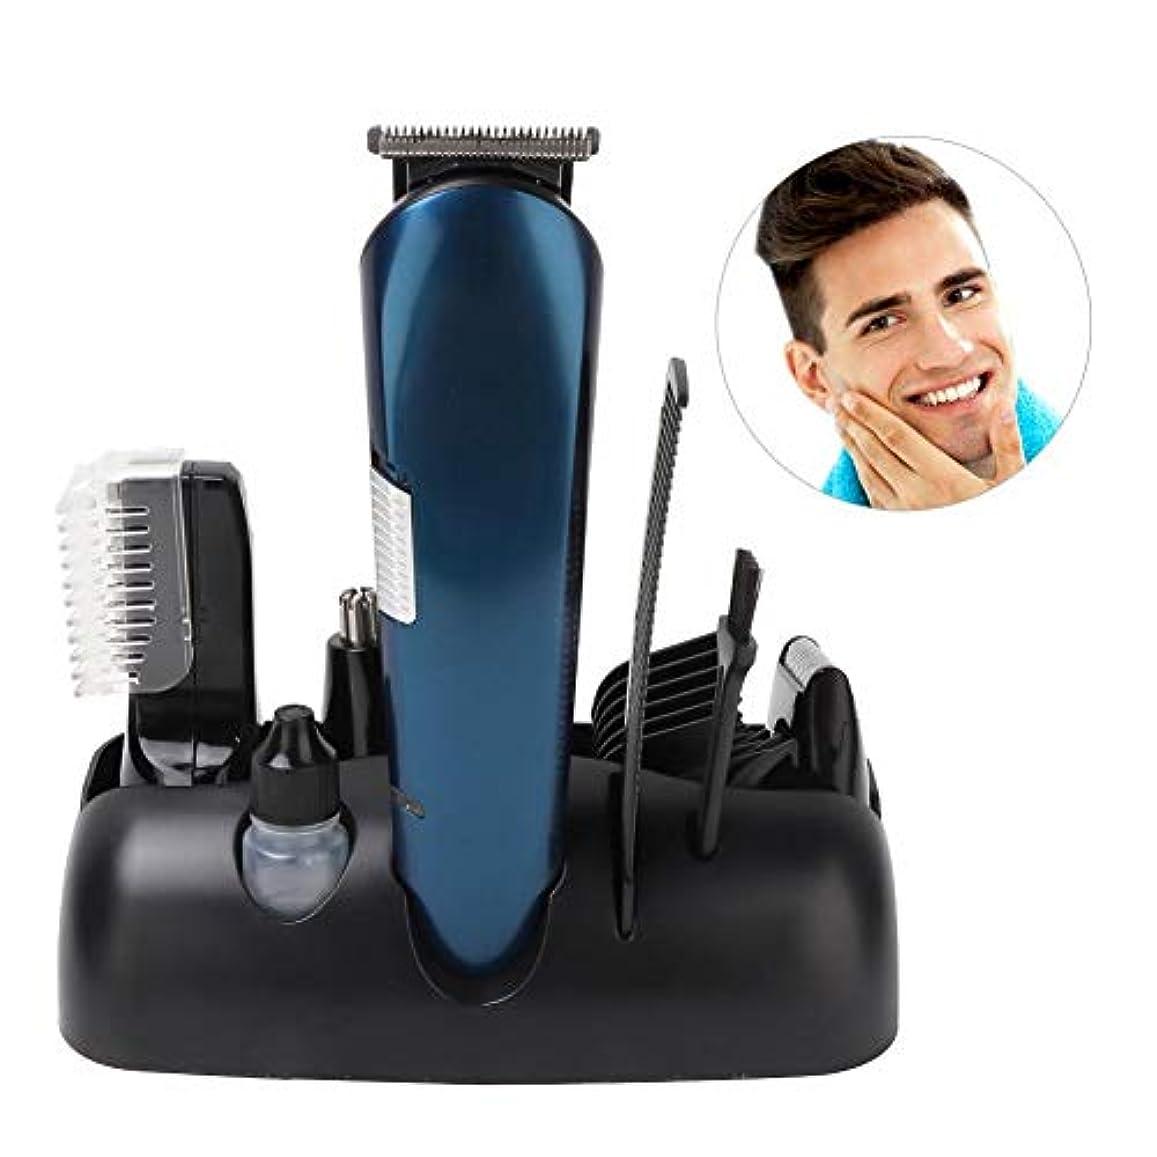 虎アフリカ人魔女男性用グルーミングキット、鼻毛トリマーを持つ男性用の多機能電動シェービングカミソリ、1本のブラシ、4本の櫛、ひげ剃り、オイルボトルなど